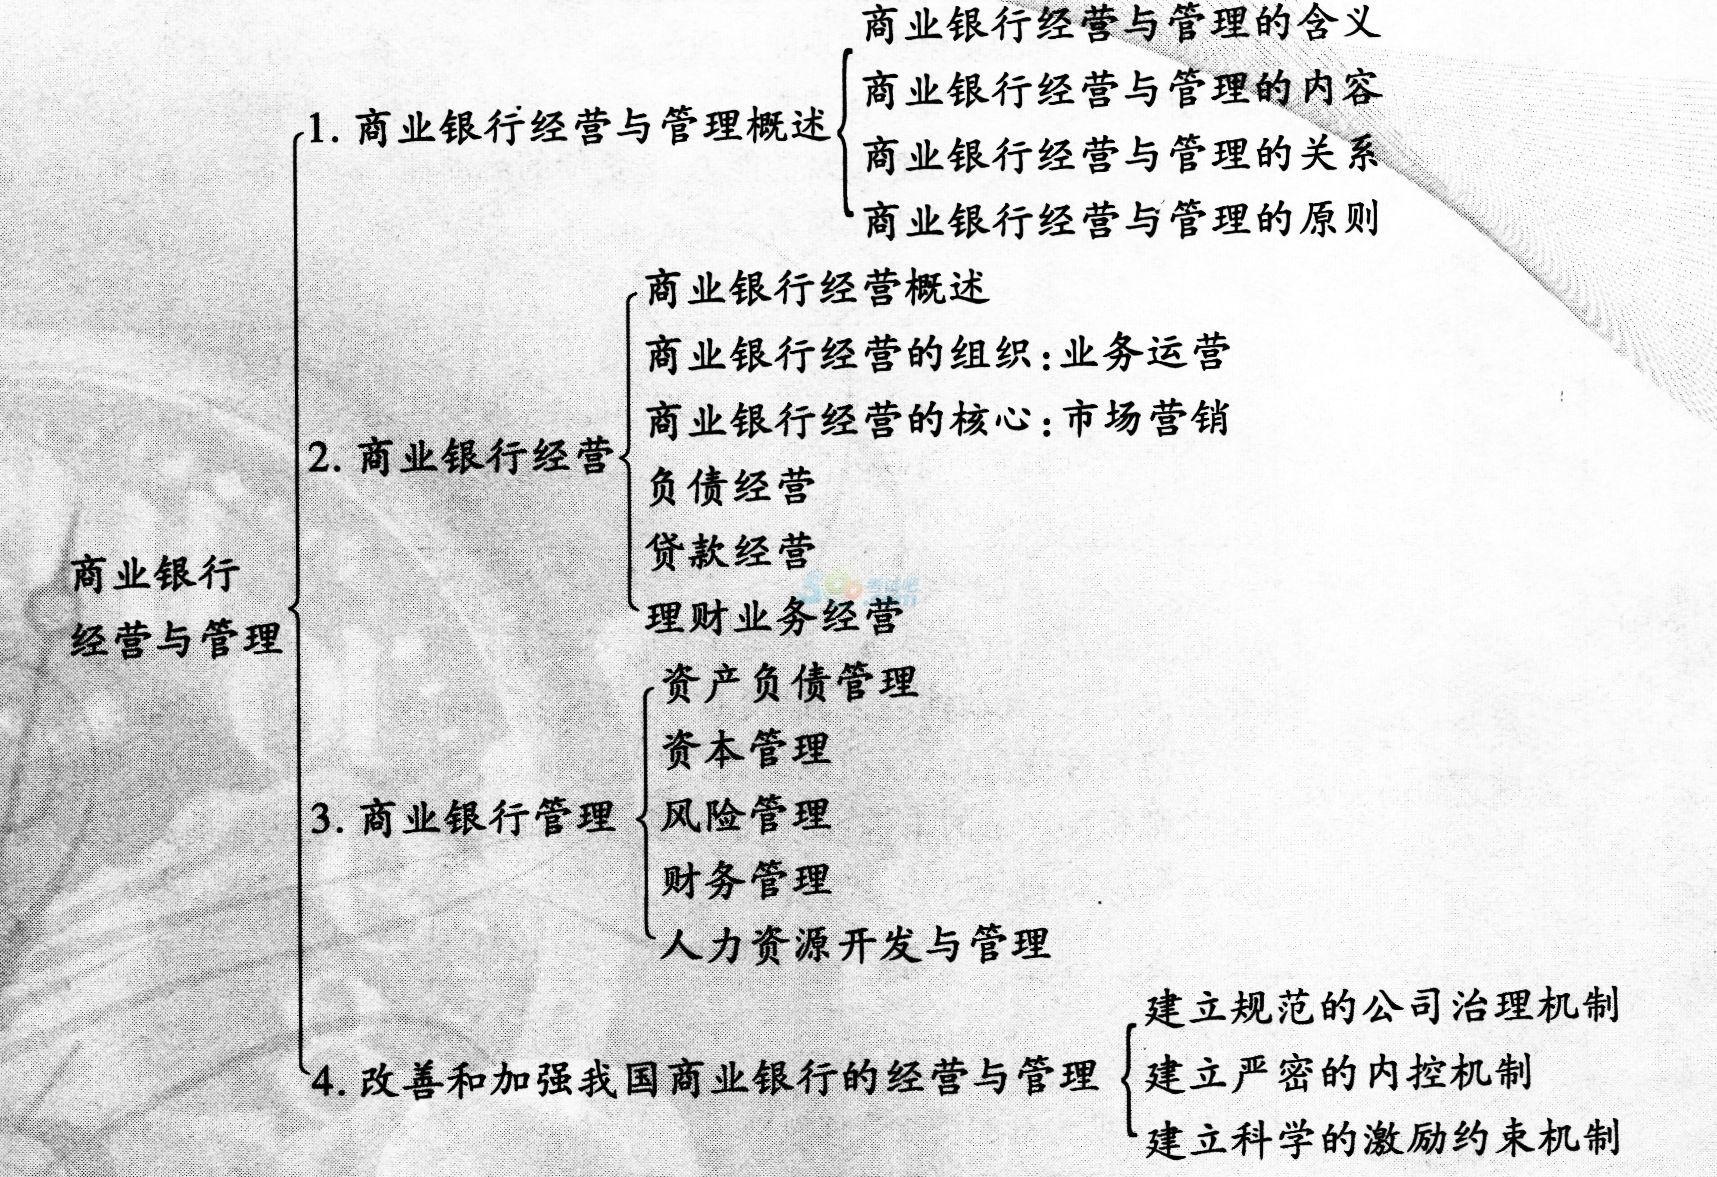 2015年经济师考试《中级金融》备考章节讲义(4)